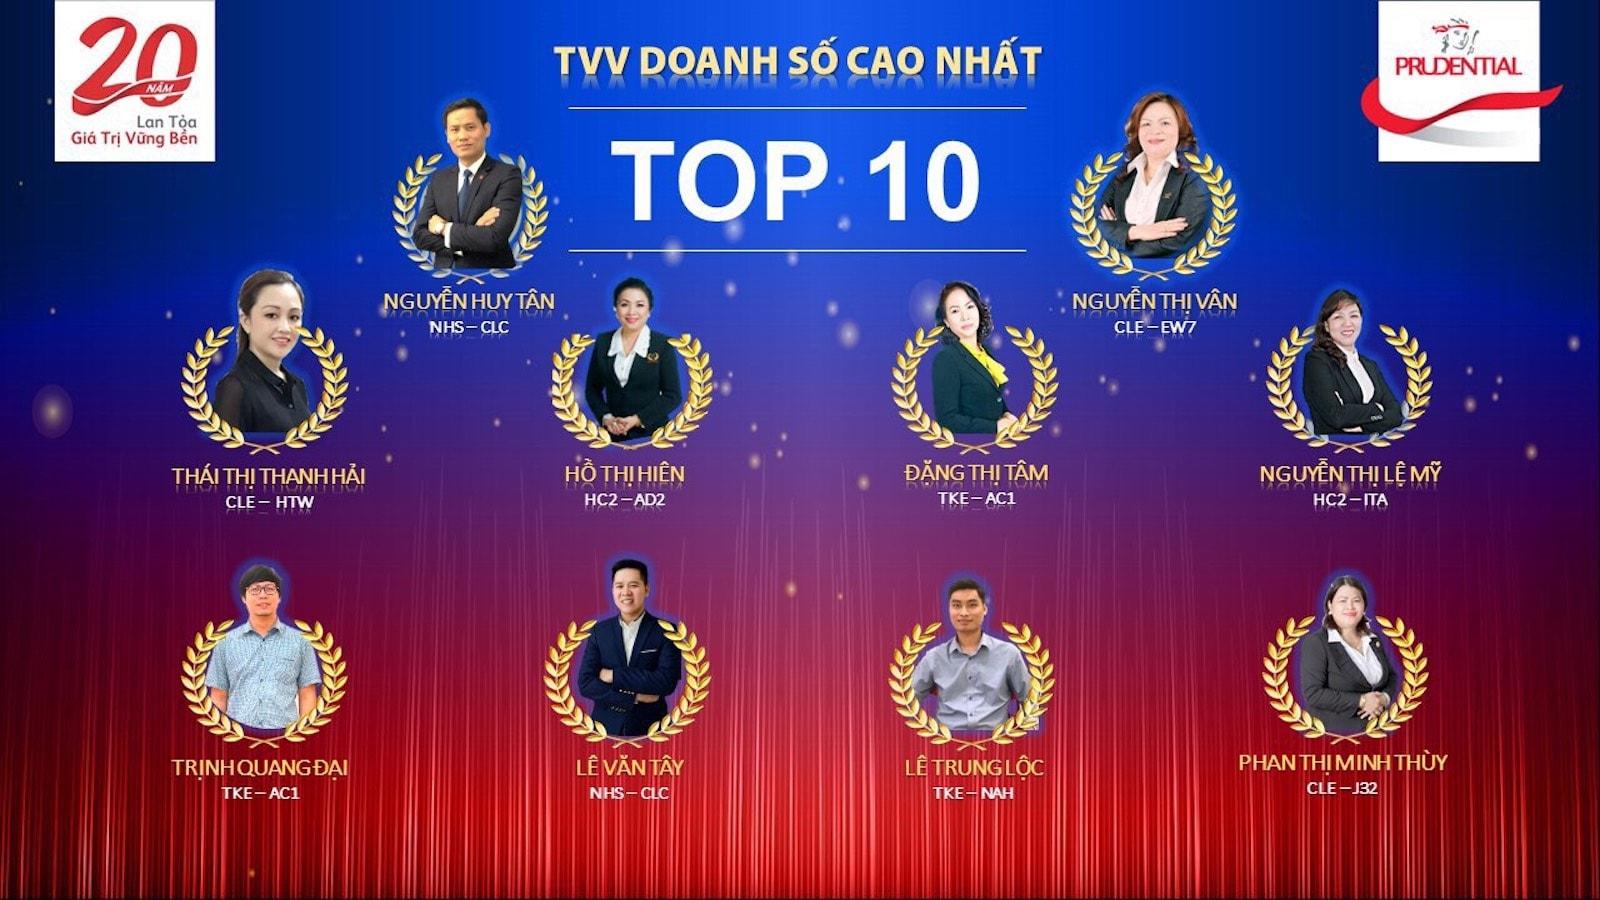 Top 10 TVV đạt doanh số cao nhất năm